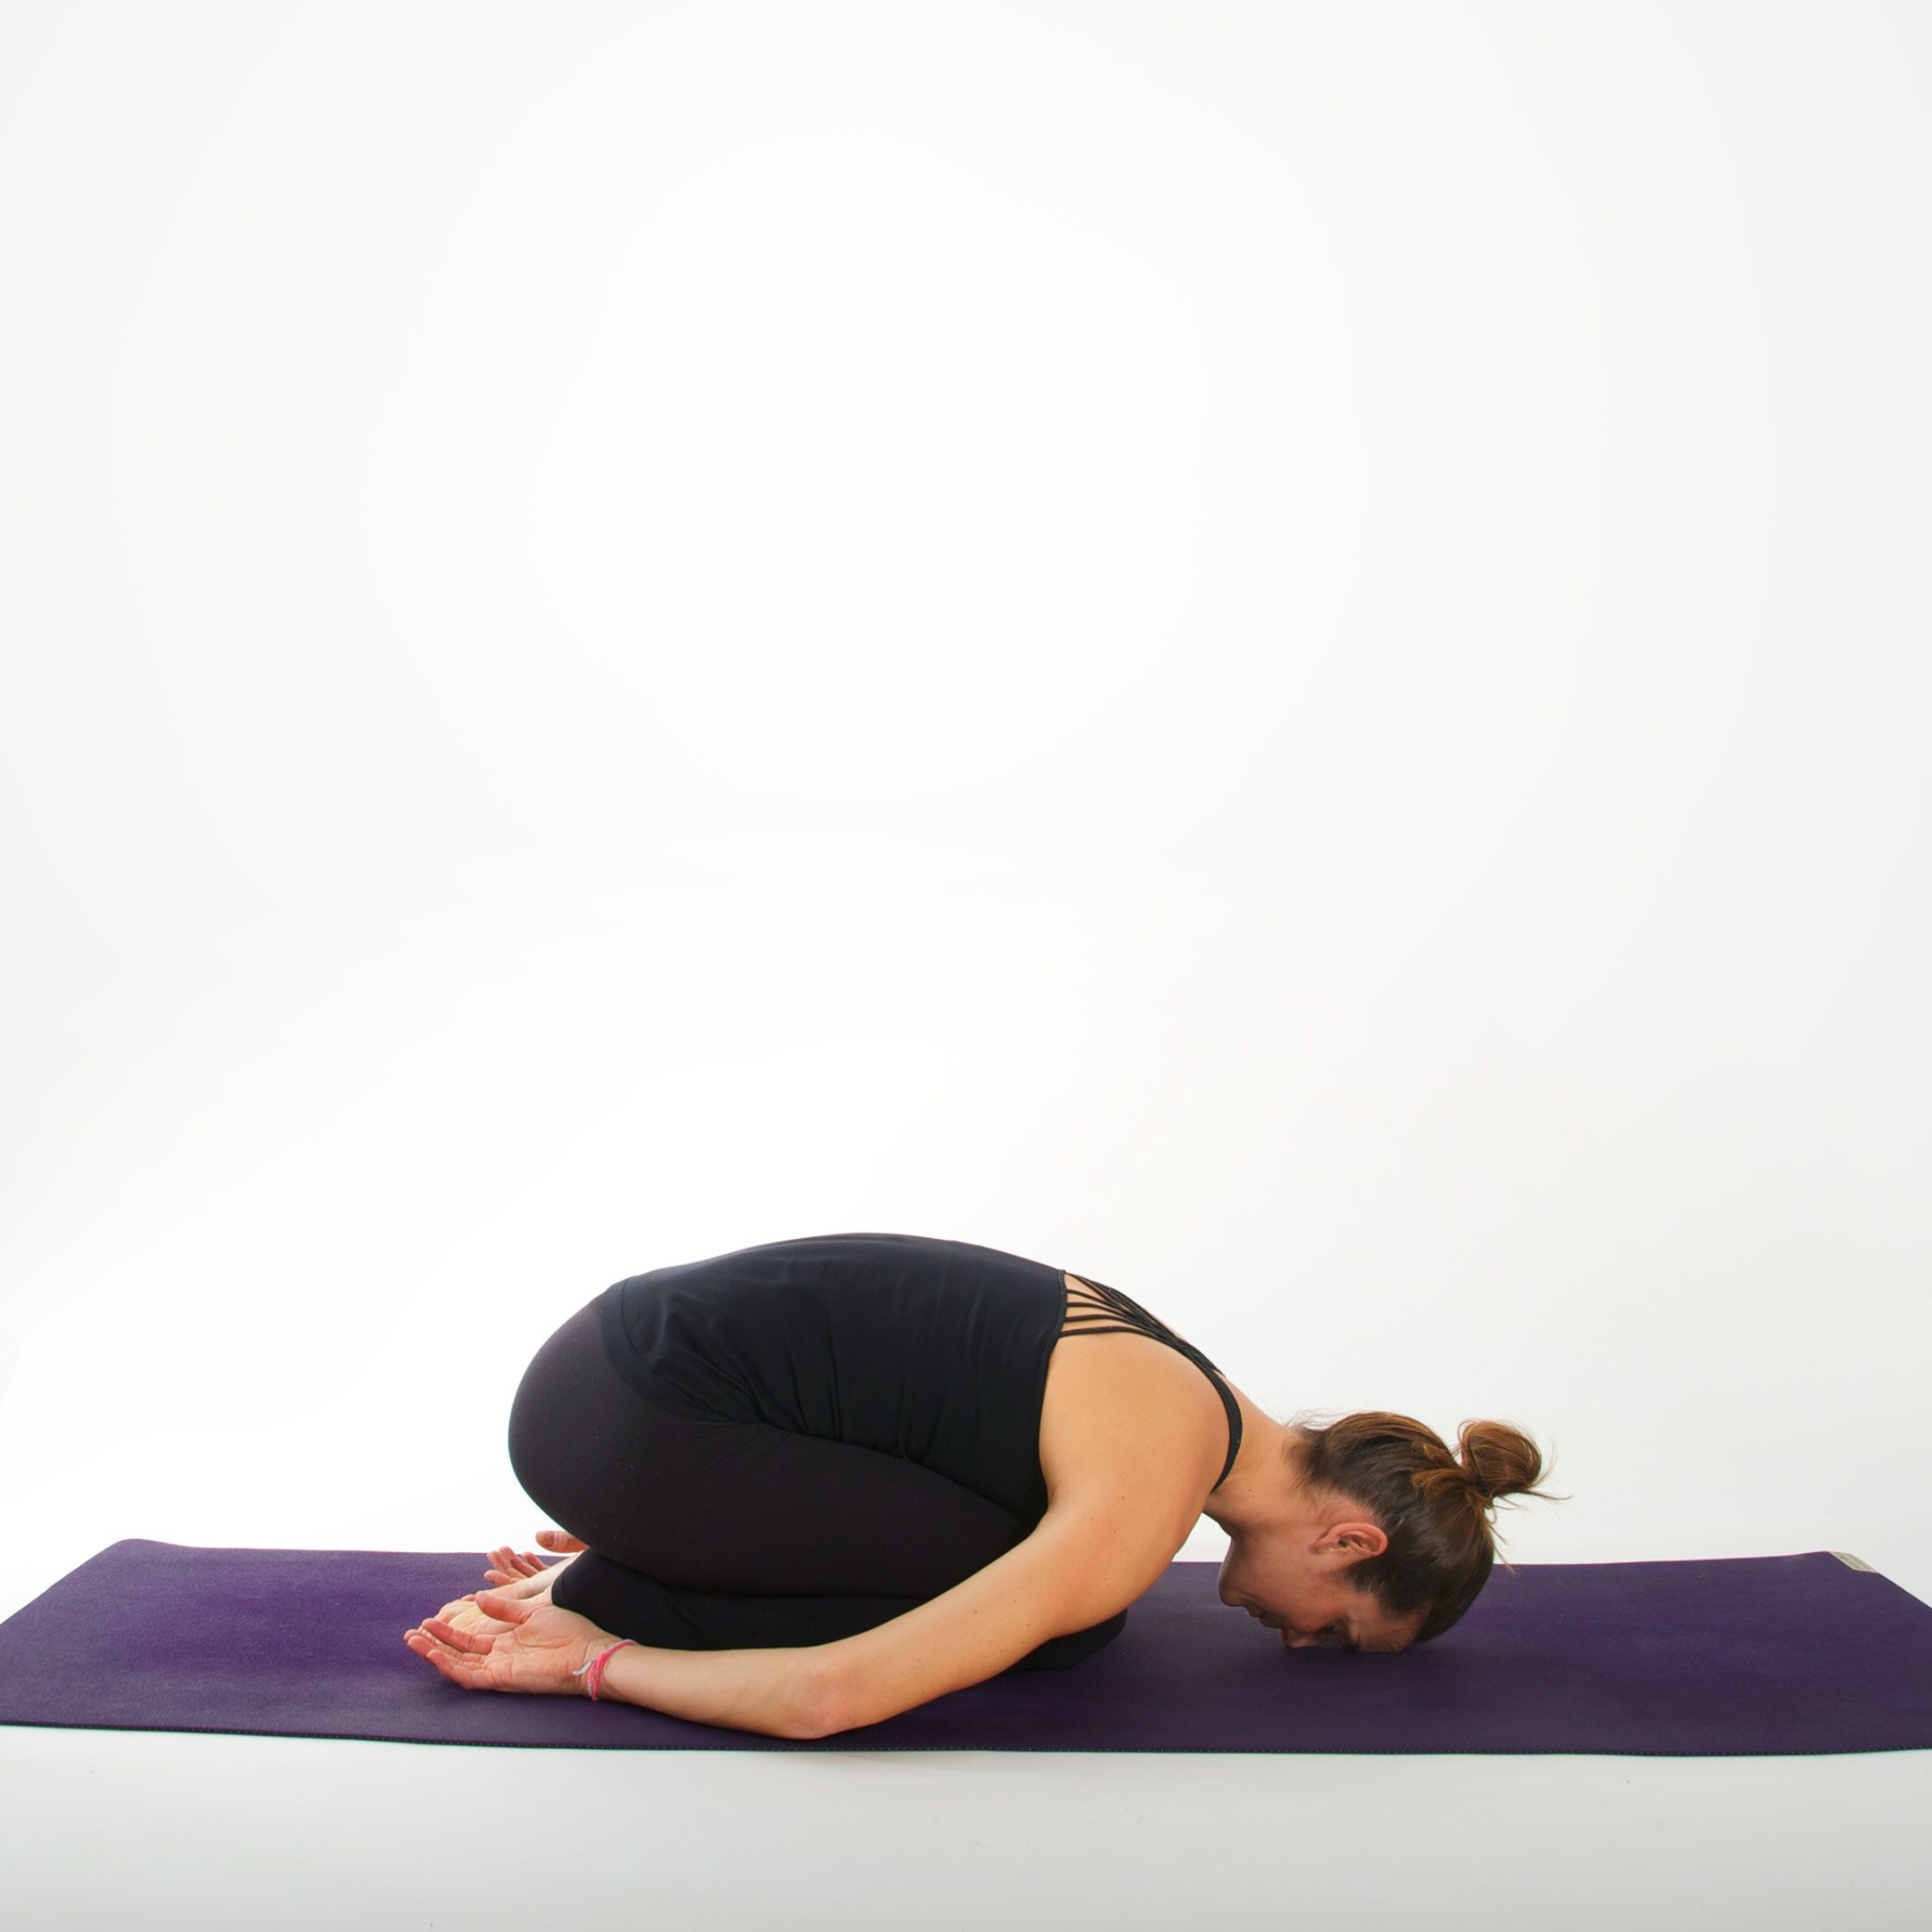 Yoga Asana I KIND I myyogaflows